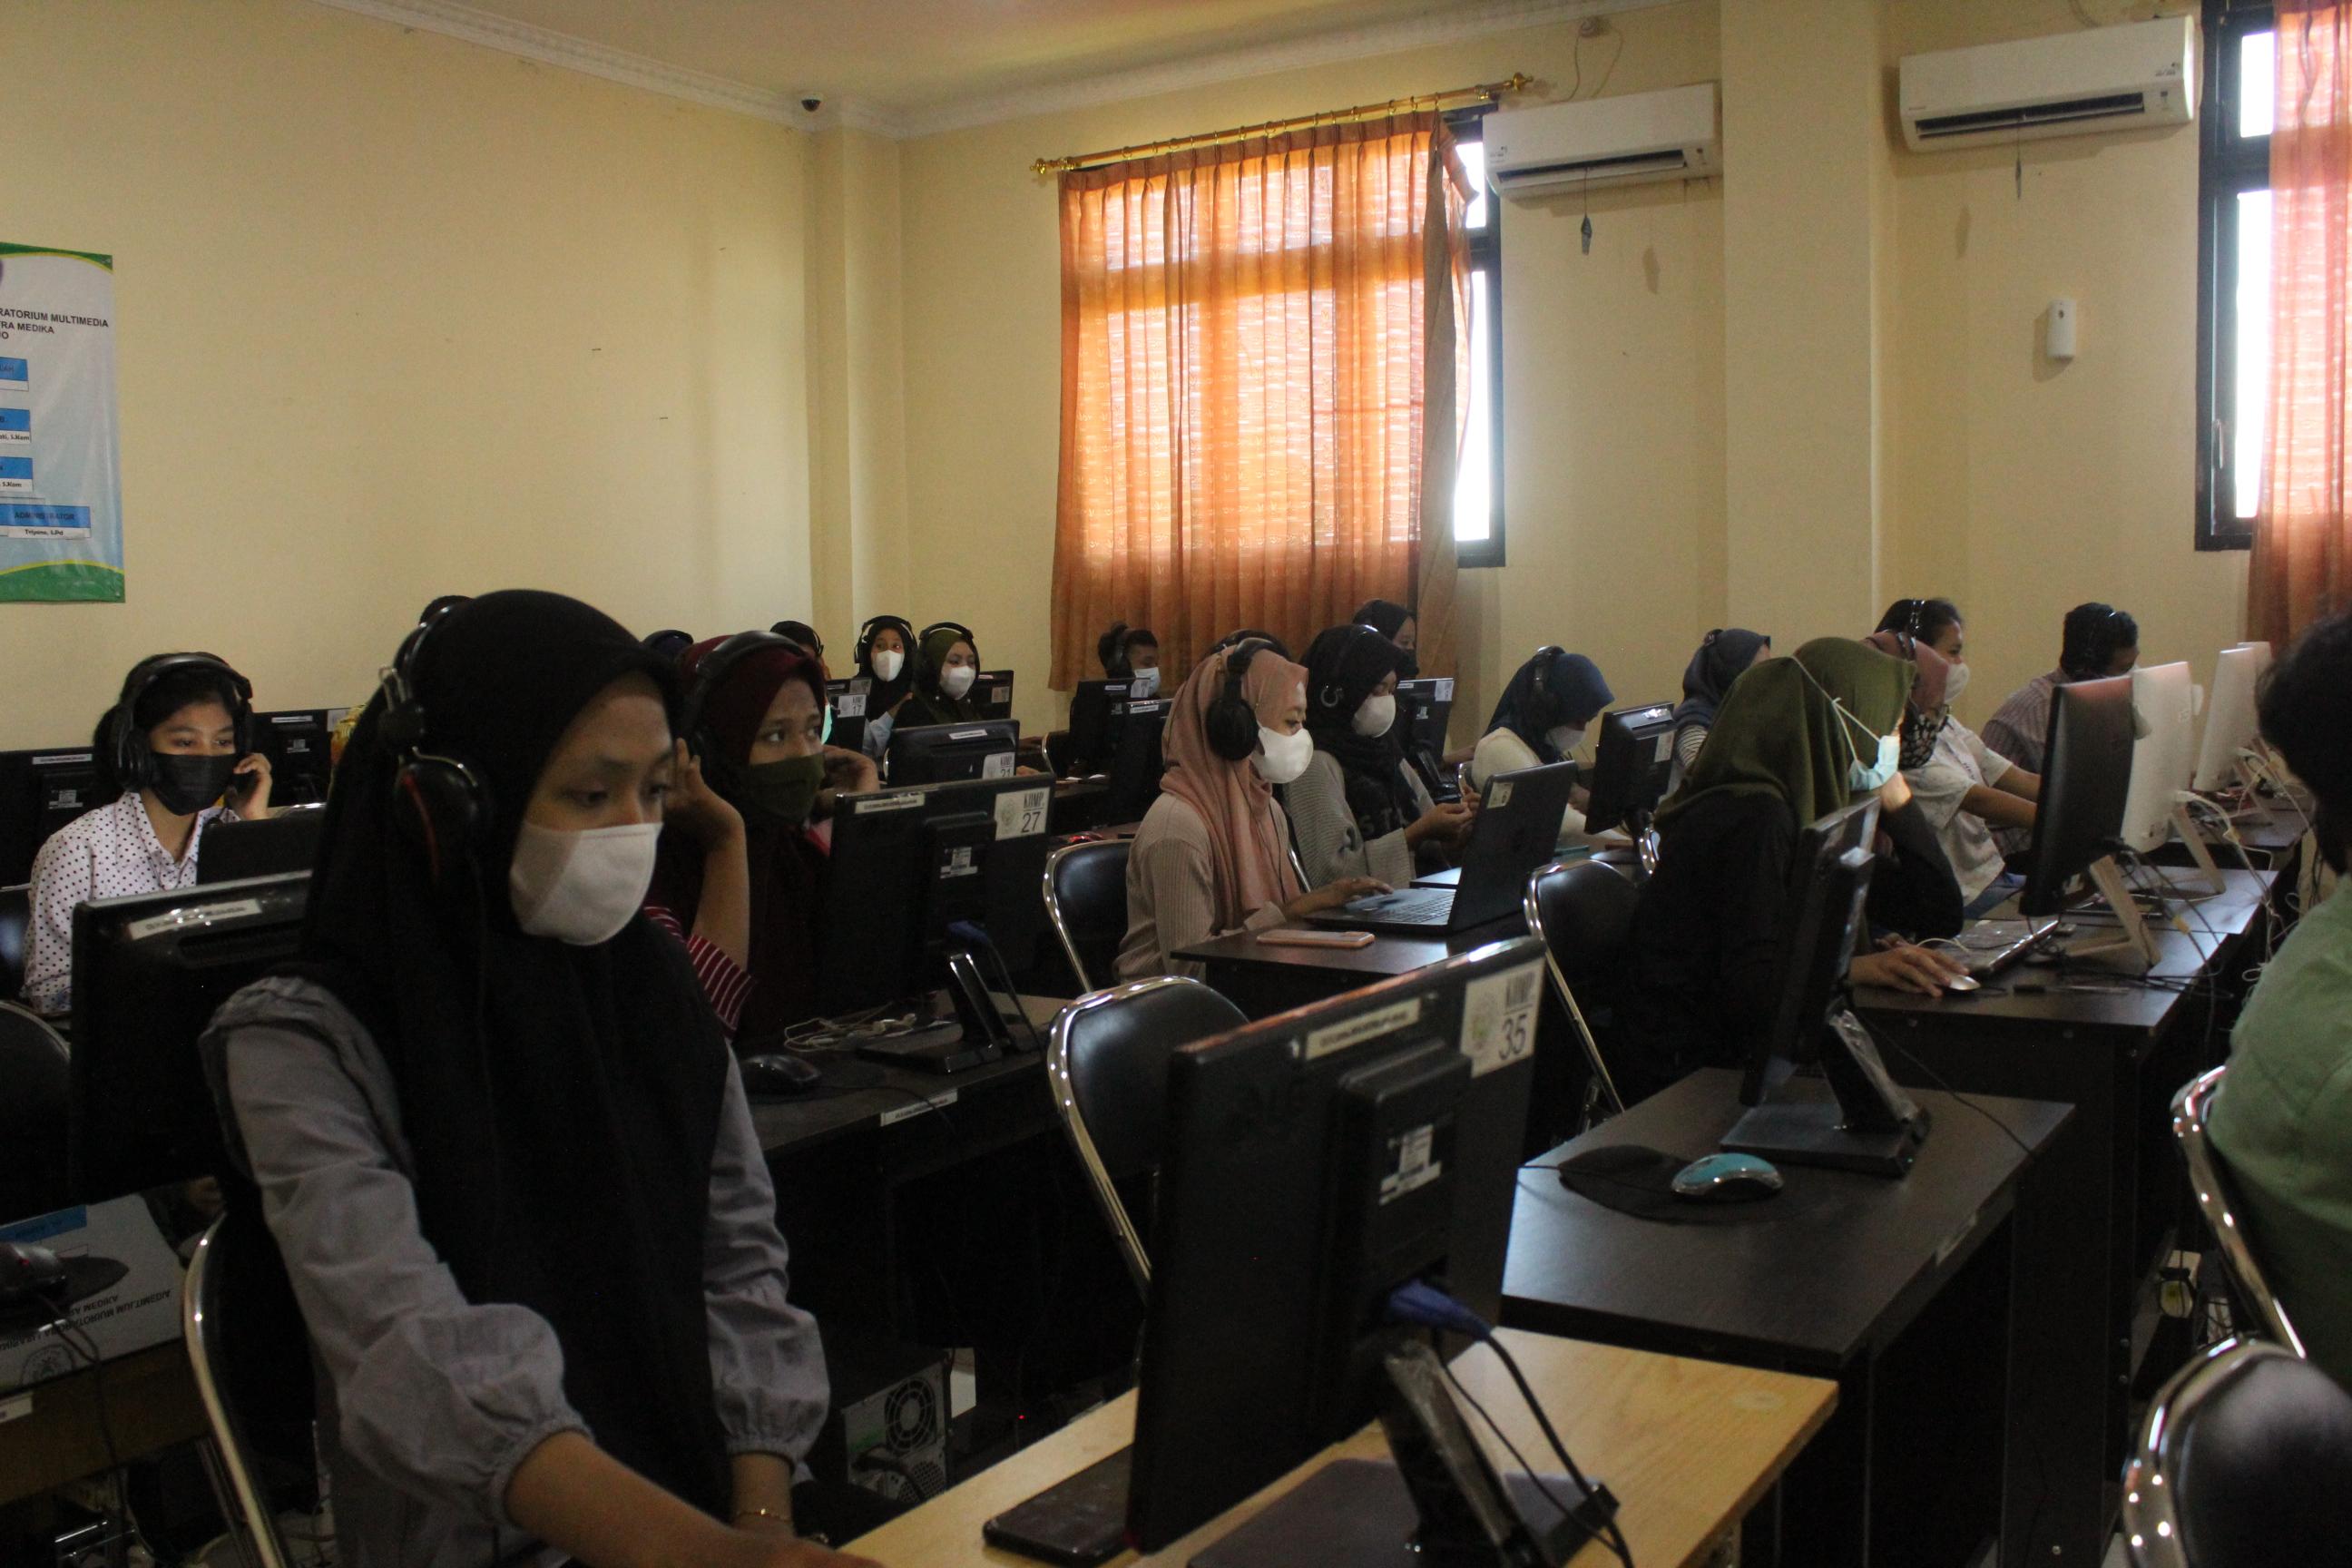 Pelaksanaan Sertifikasi Internasional  Kemampuan Bahasa Inggris TOEIC 2021 di SMK Kesehatan Citra Medika Sukoharjo